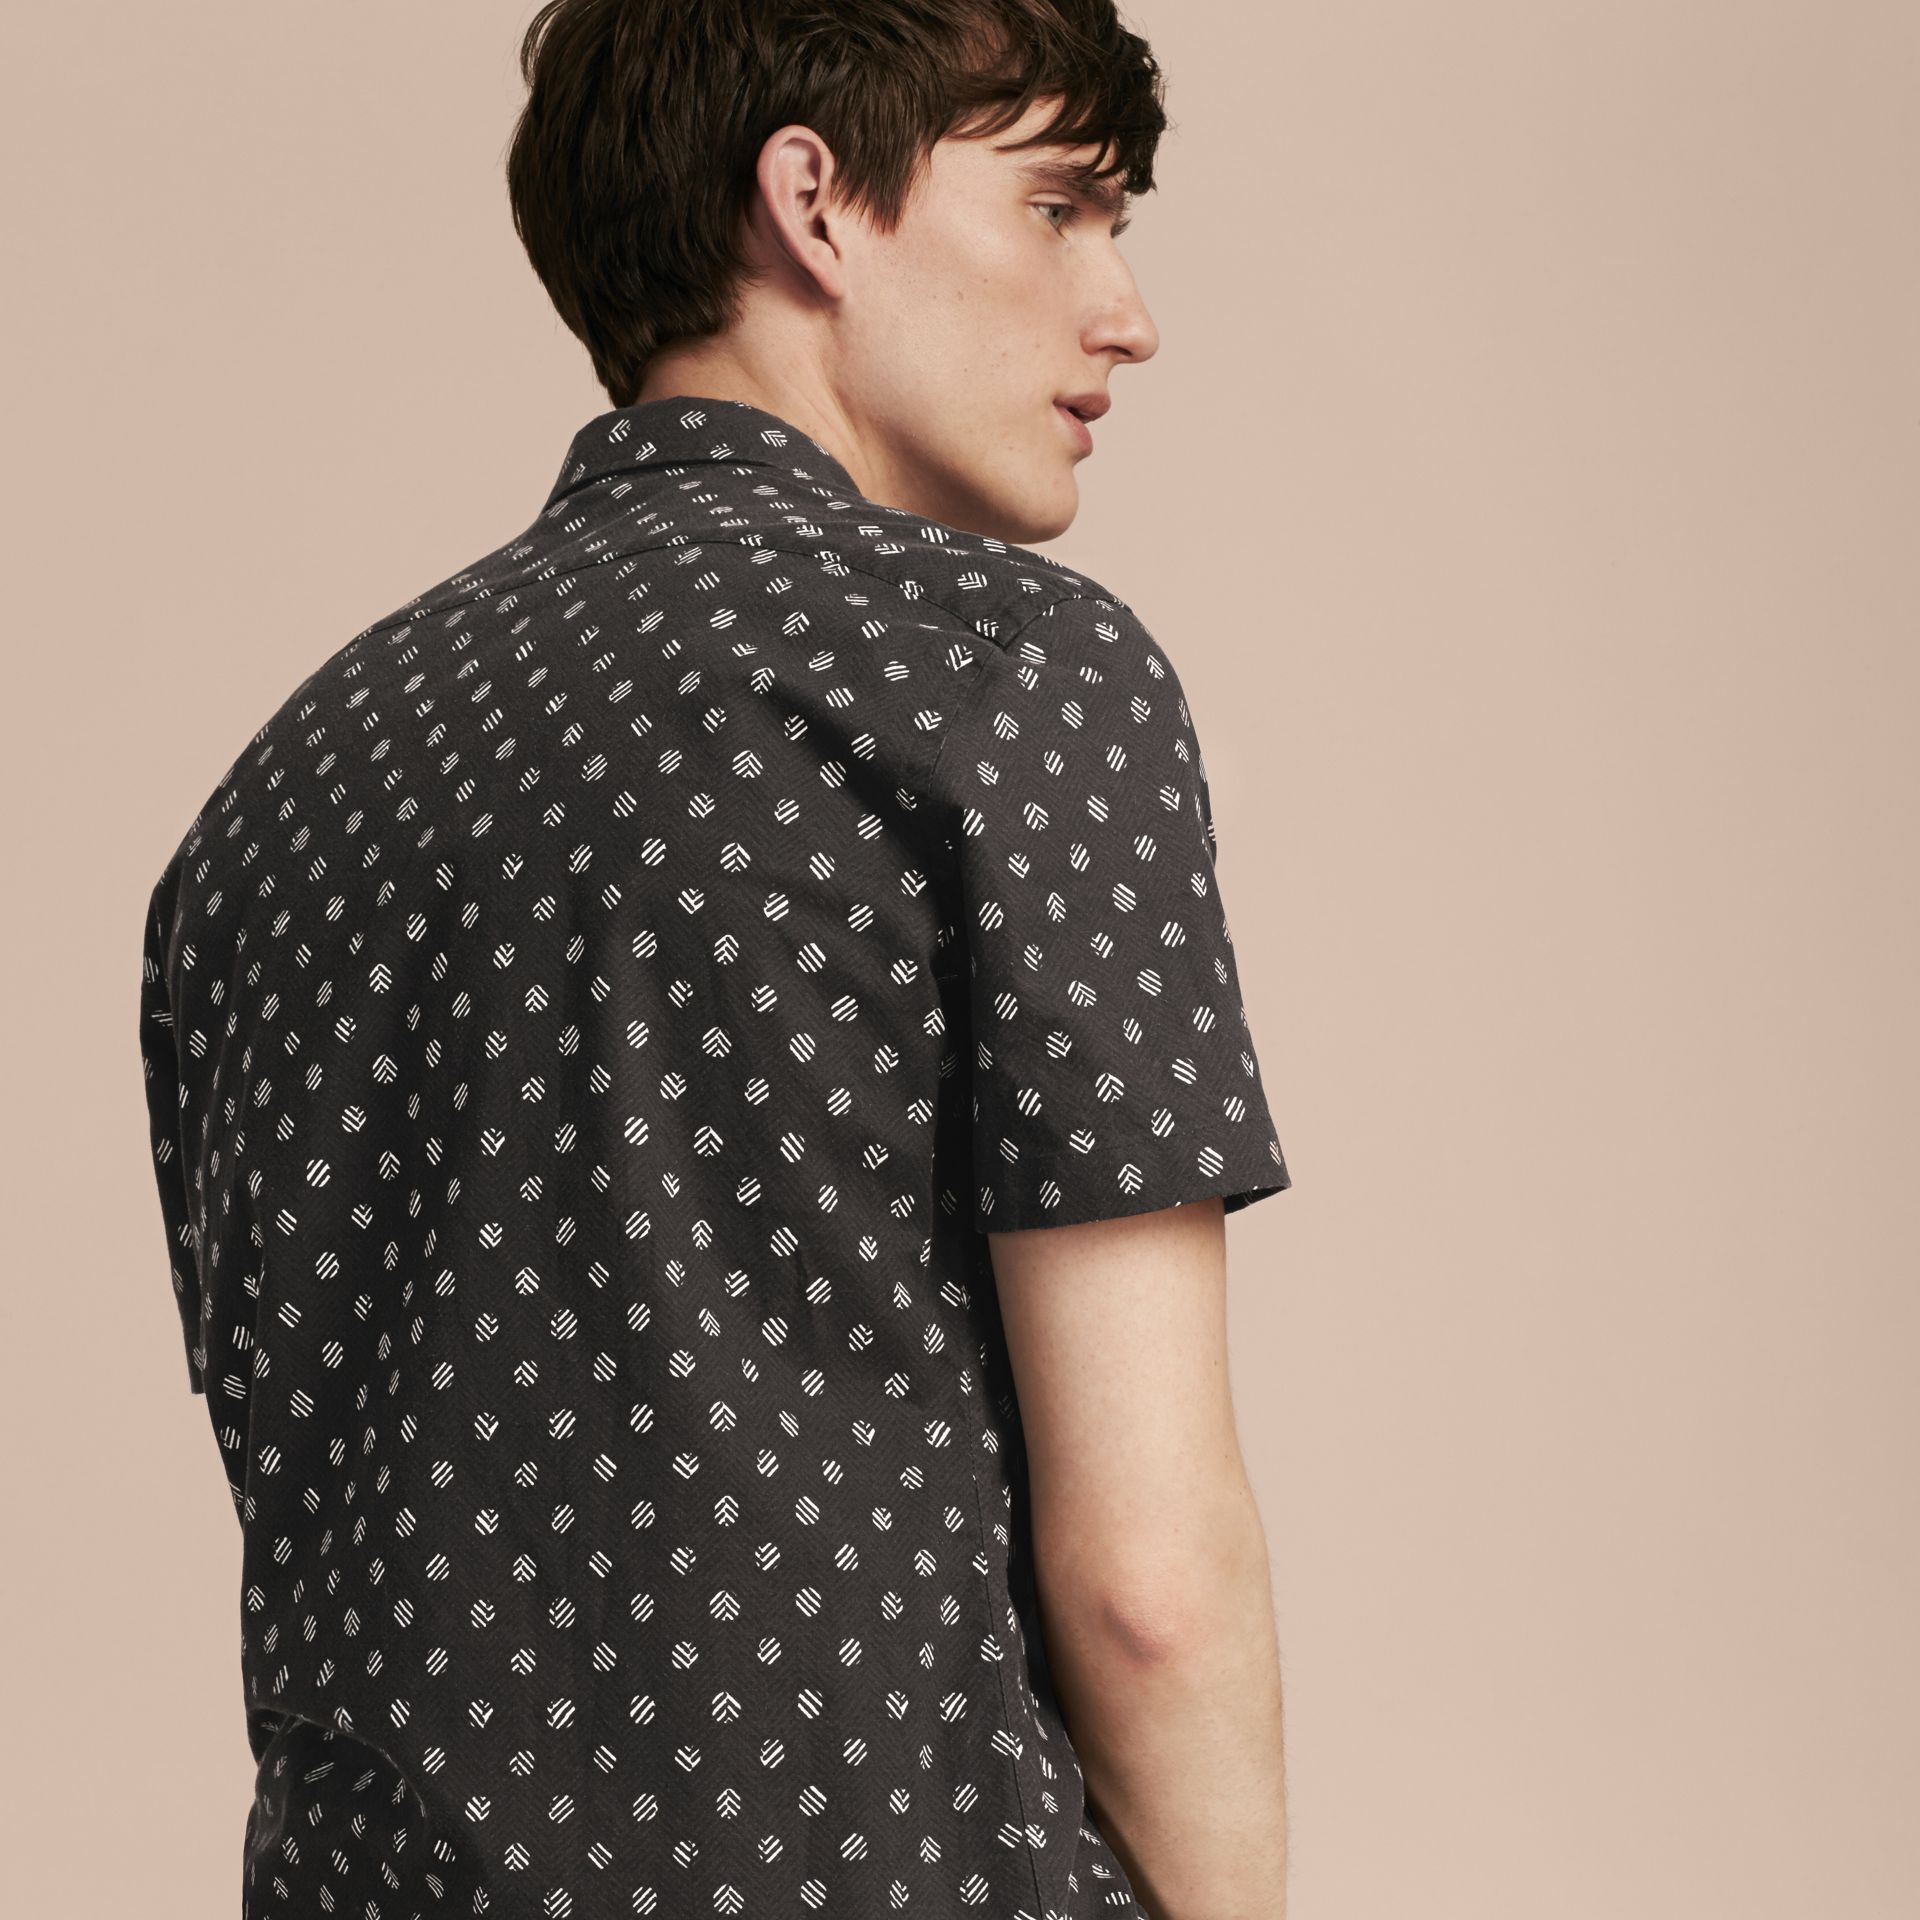 Preto Camisa estampada de linho e algodão com mangas curtas - galeria de imagens 3